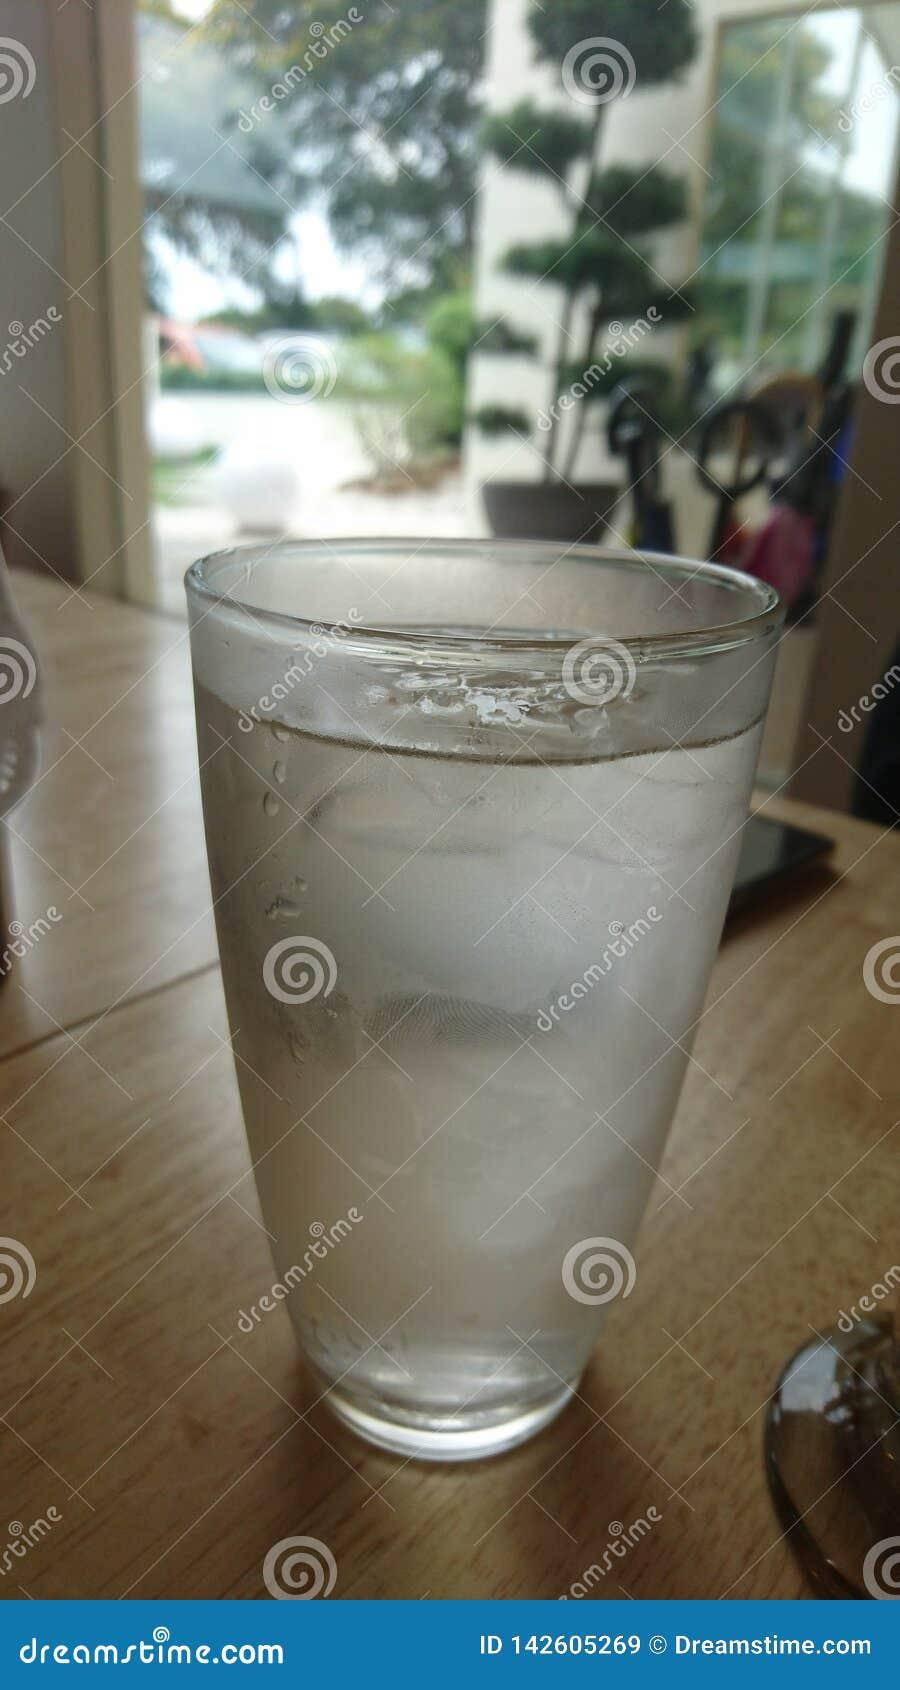 Una taza de agua fría a enfriarse